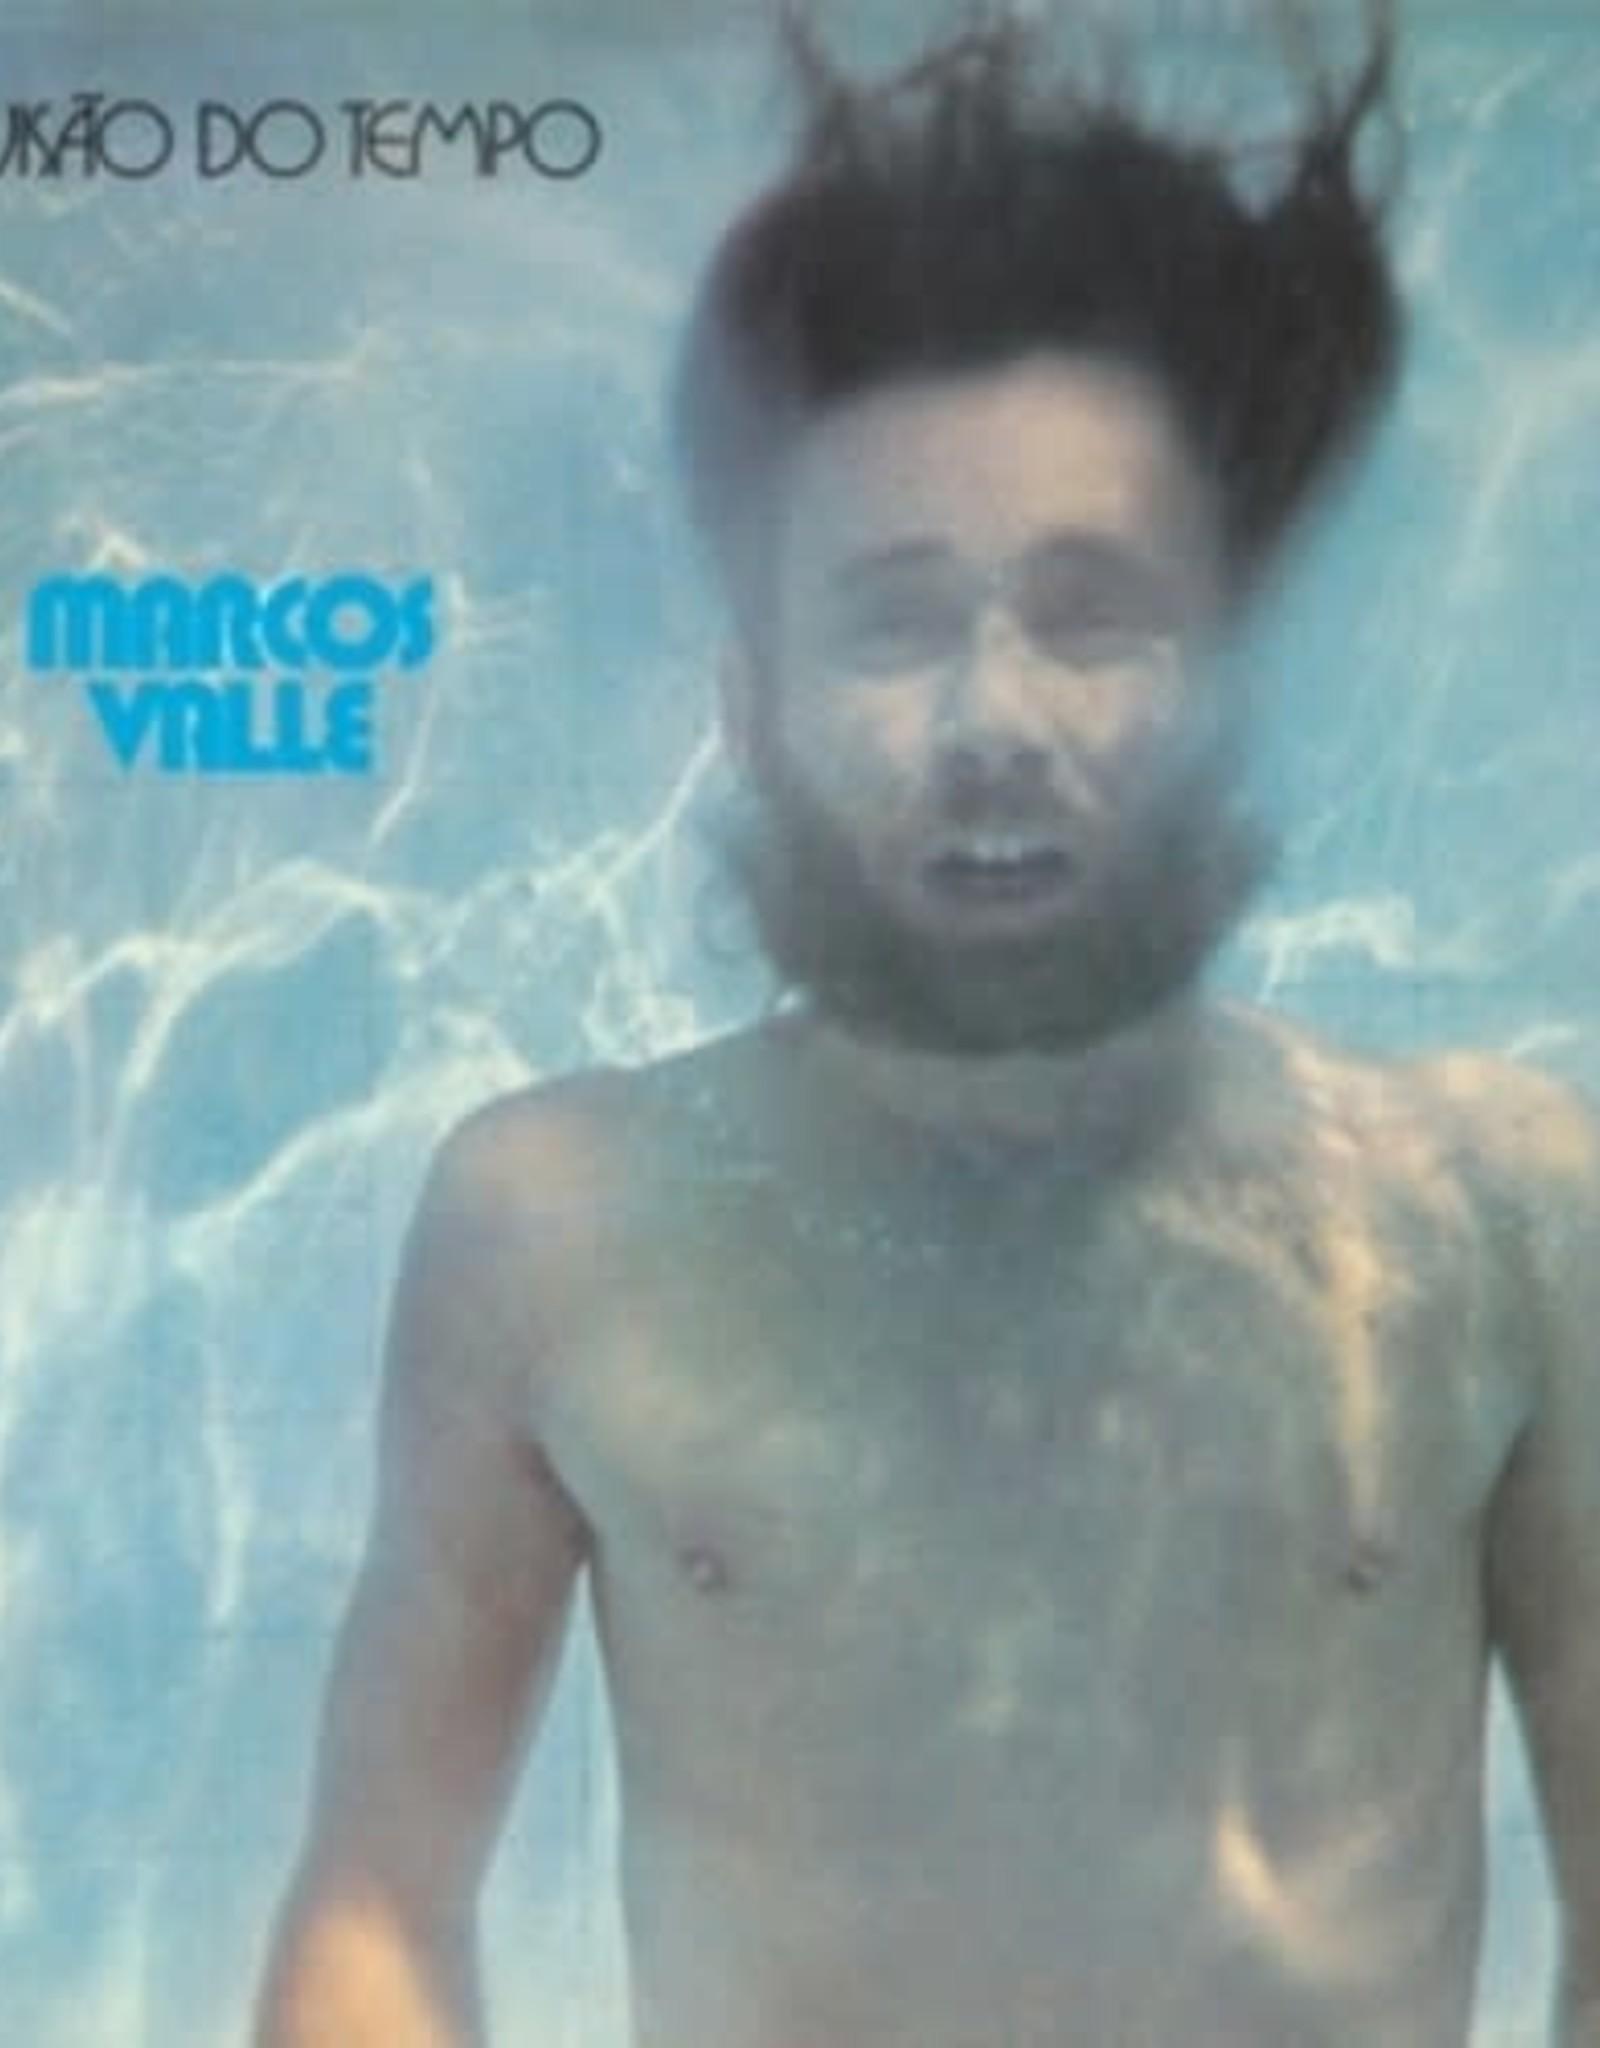 Marcos Valle - Previsao Do Tempo